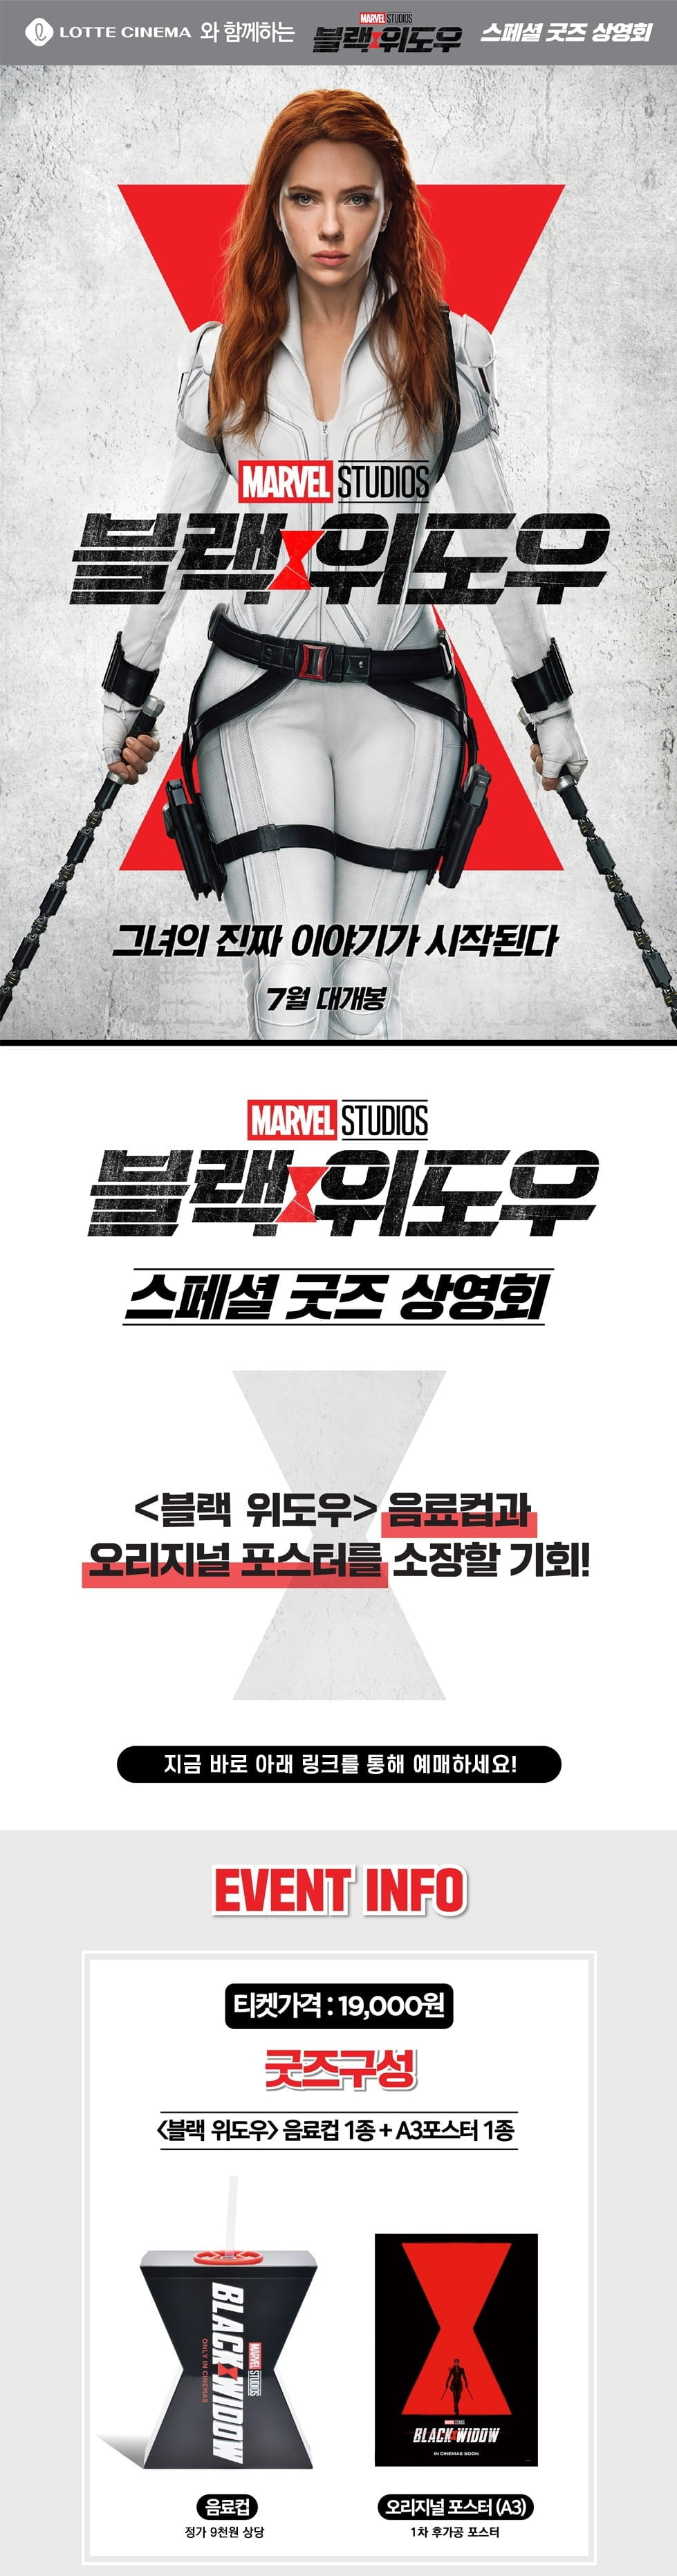 블랙 위도우 스페셜 굿즈 상영회